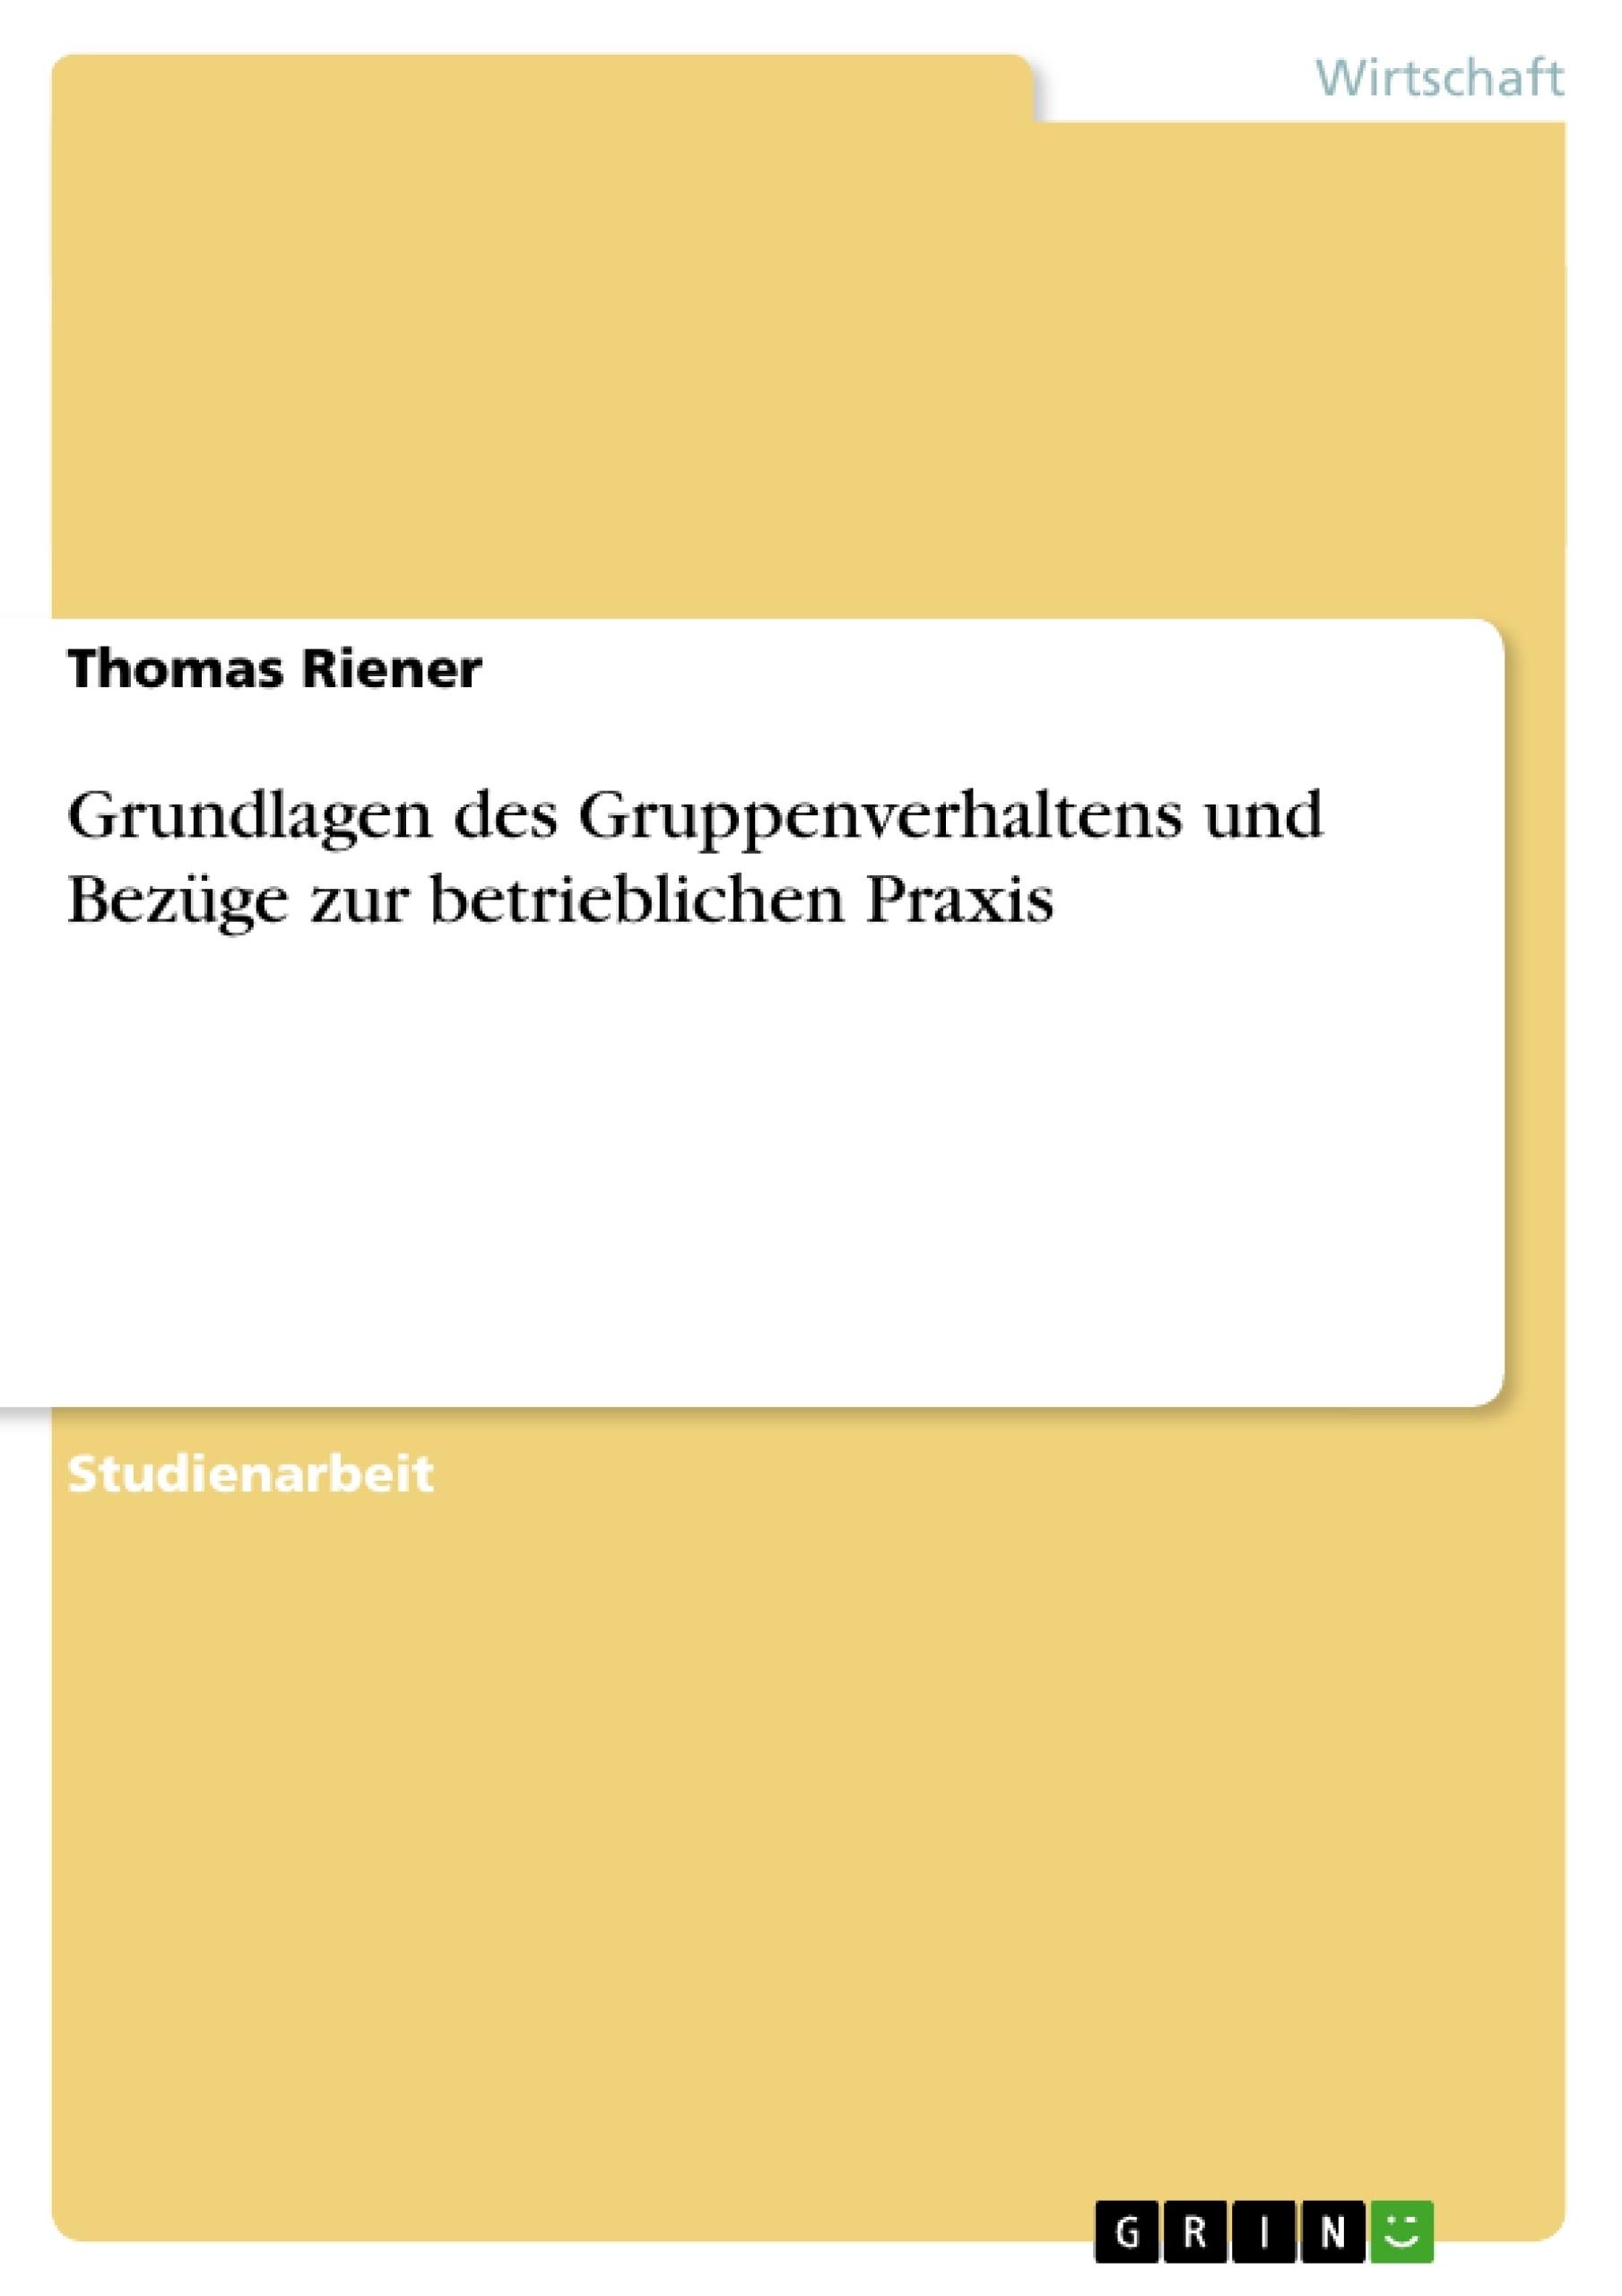 Titel: Grundlagen des Gruppenverhaltens und Bezüge zur betrieblichen Praxis